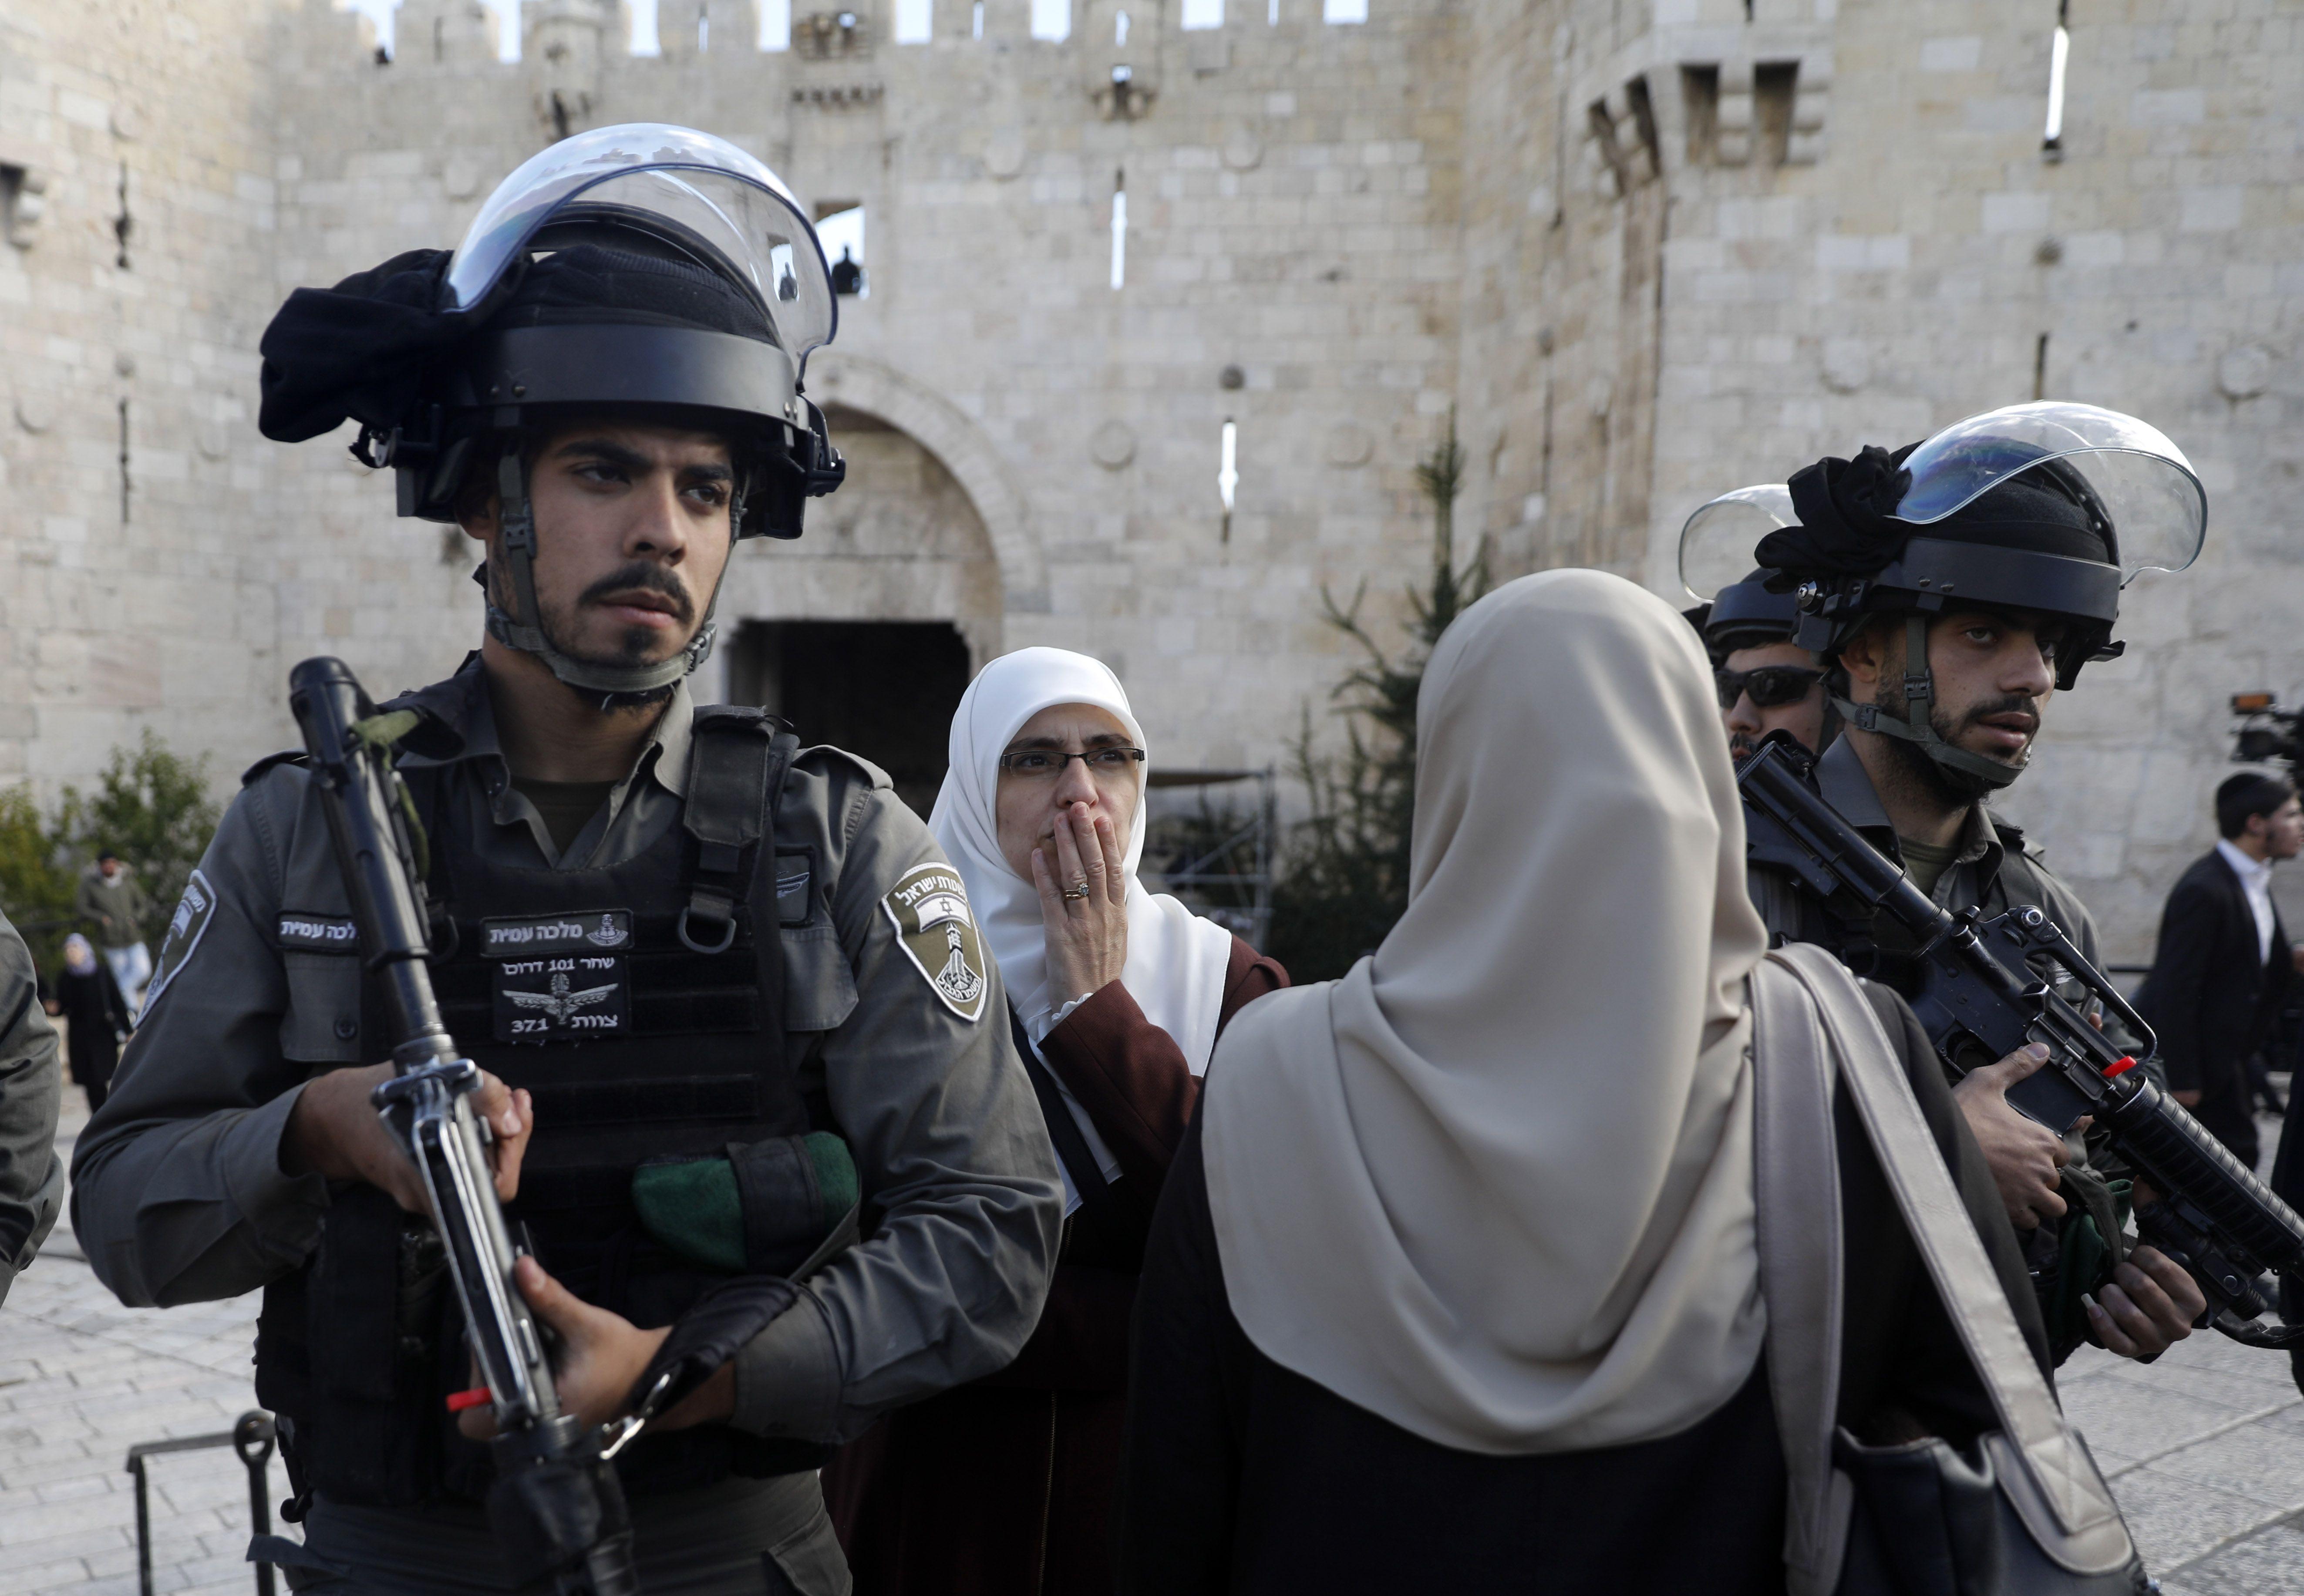 انتشار لجنود الاحتلال والقلق على وجوههم رغم ما يمسكونه من سلاح